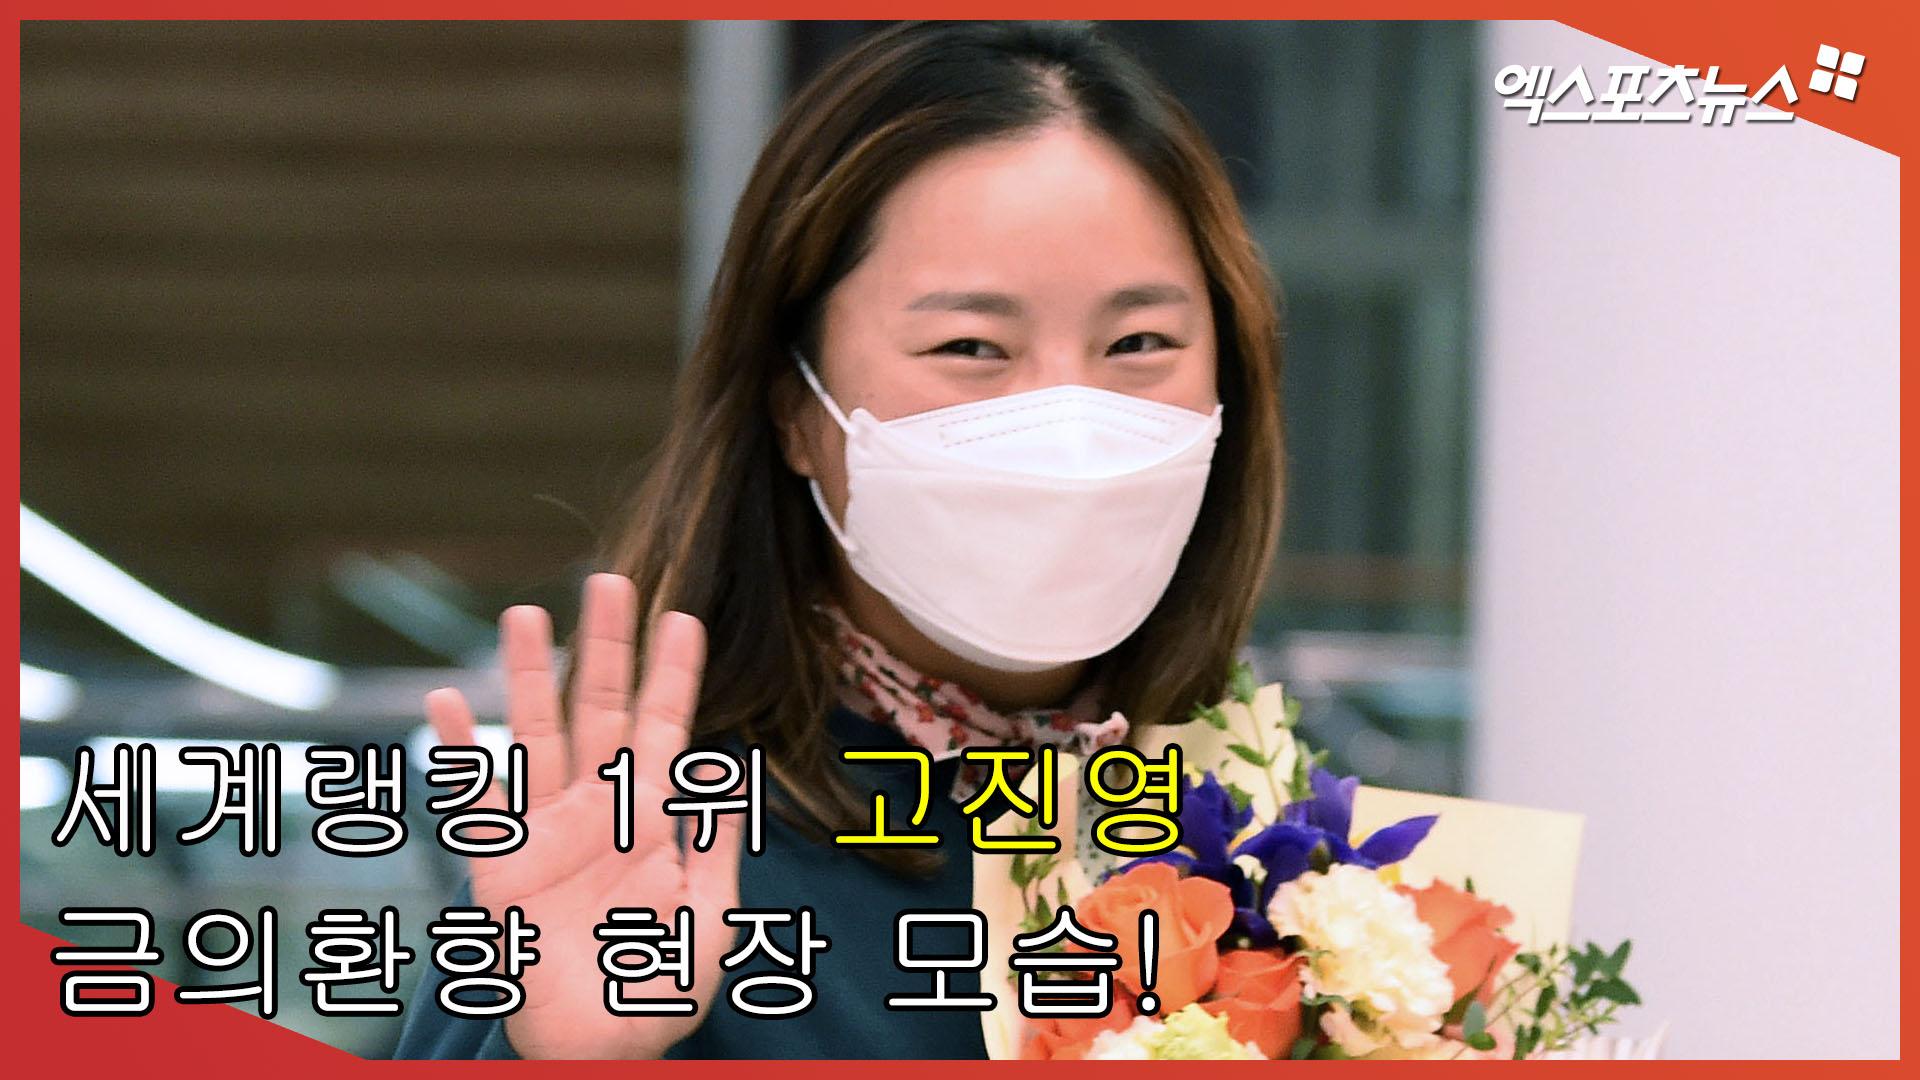 세계랭킹 1위 고진영, 금의환향 현장 모습! [엑's 영상]